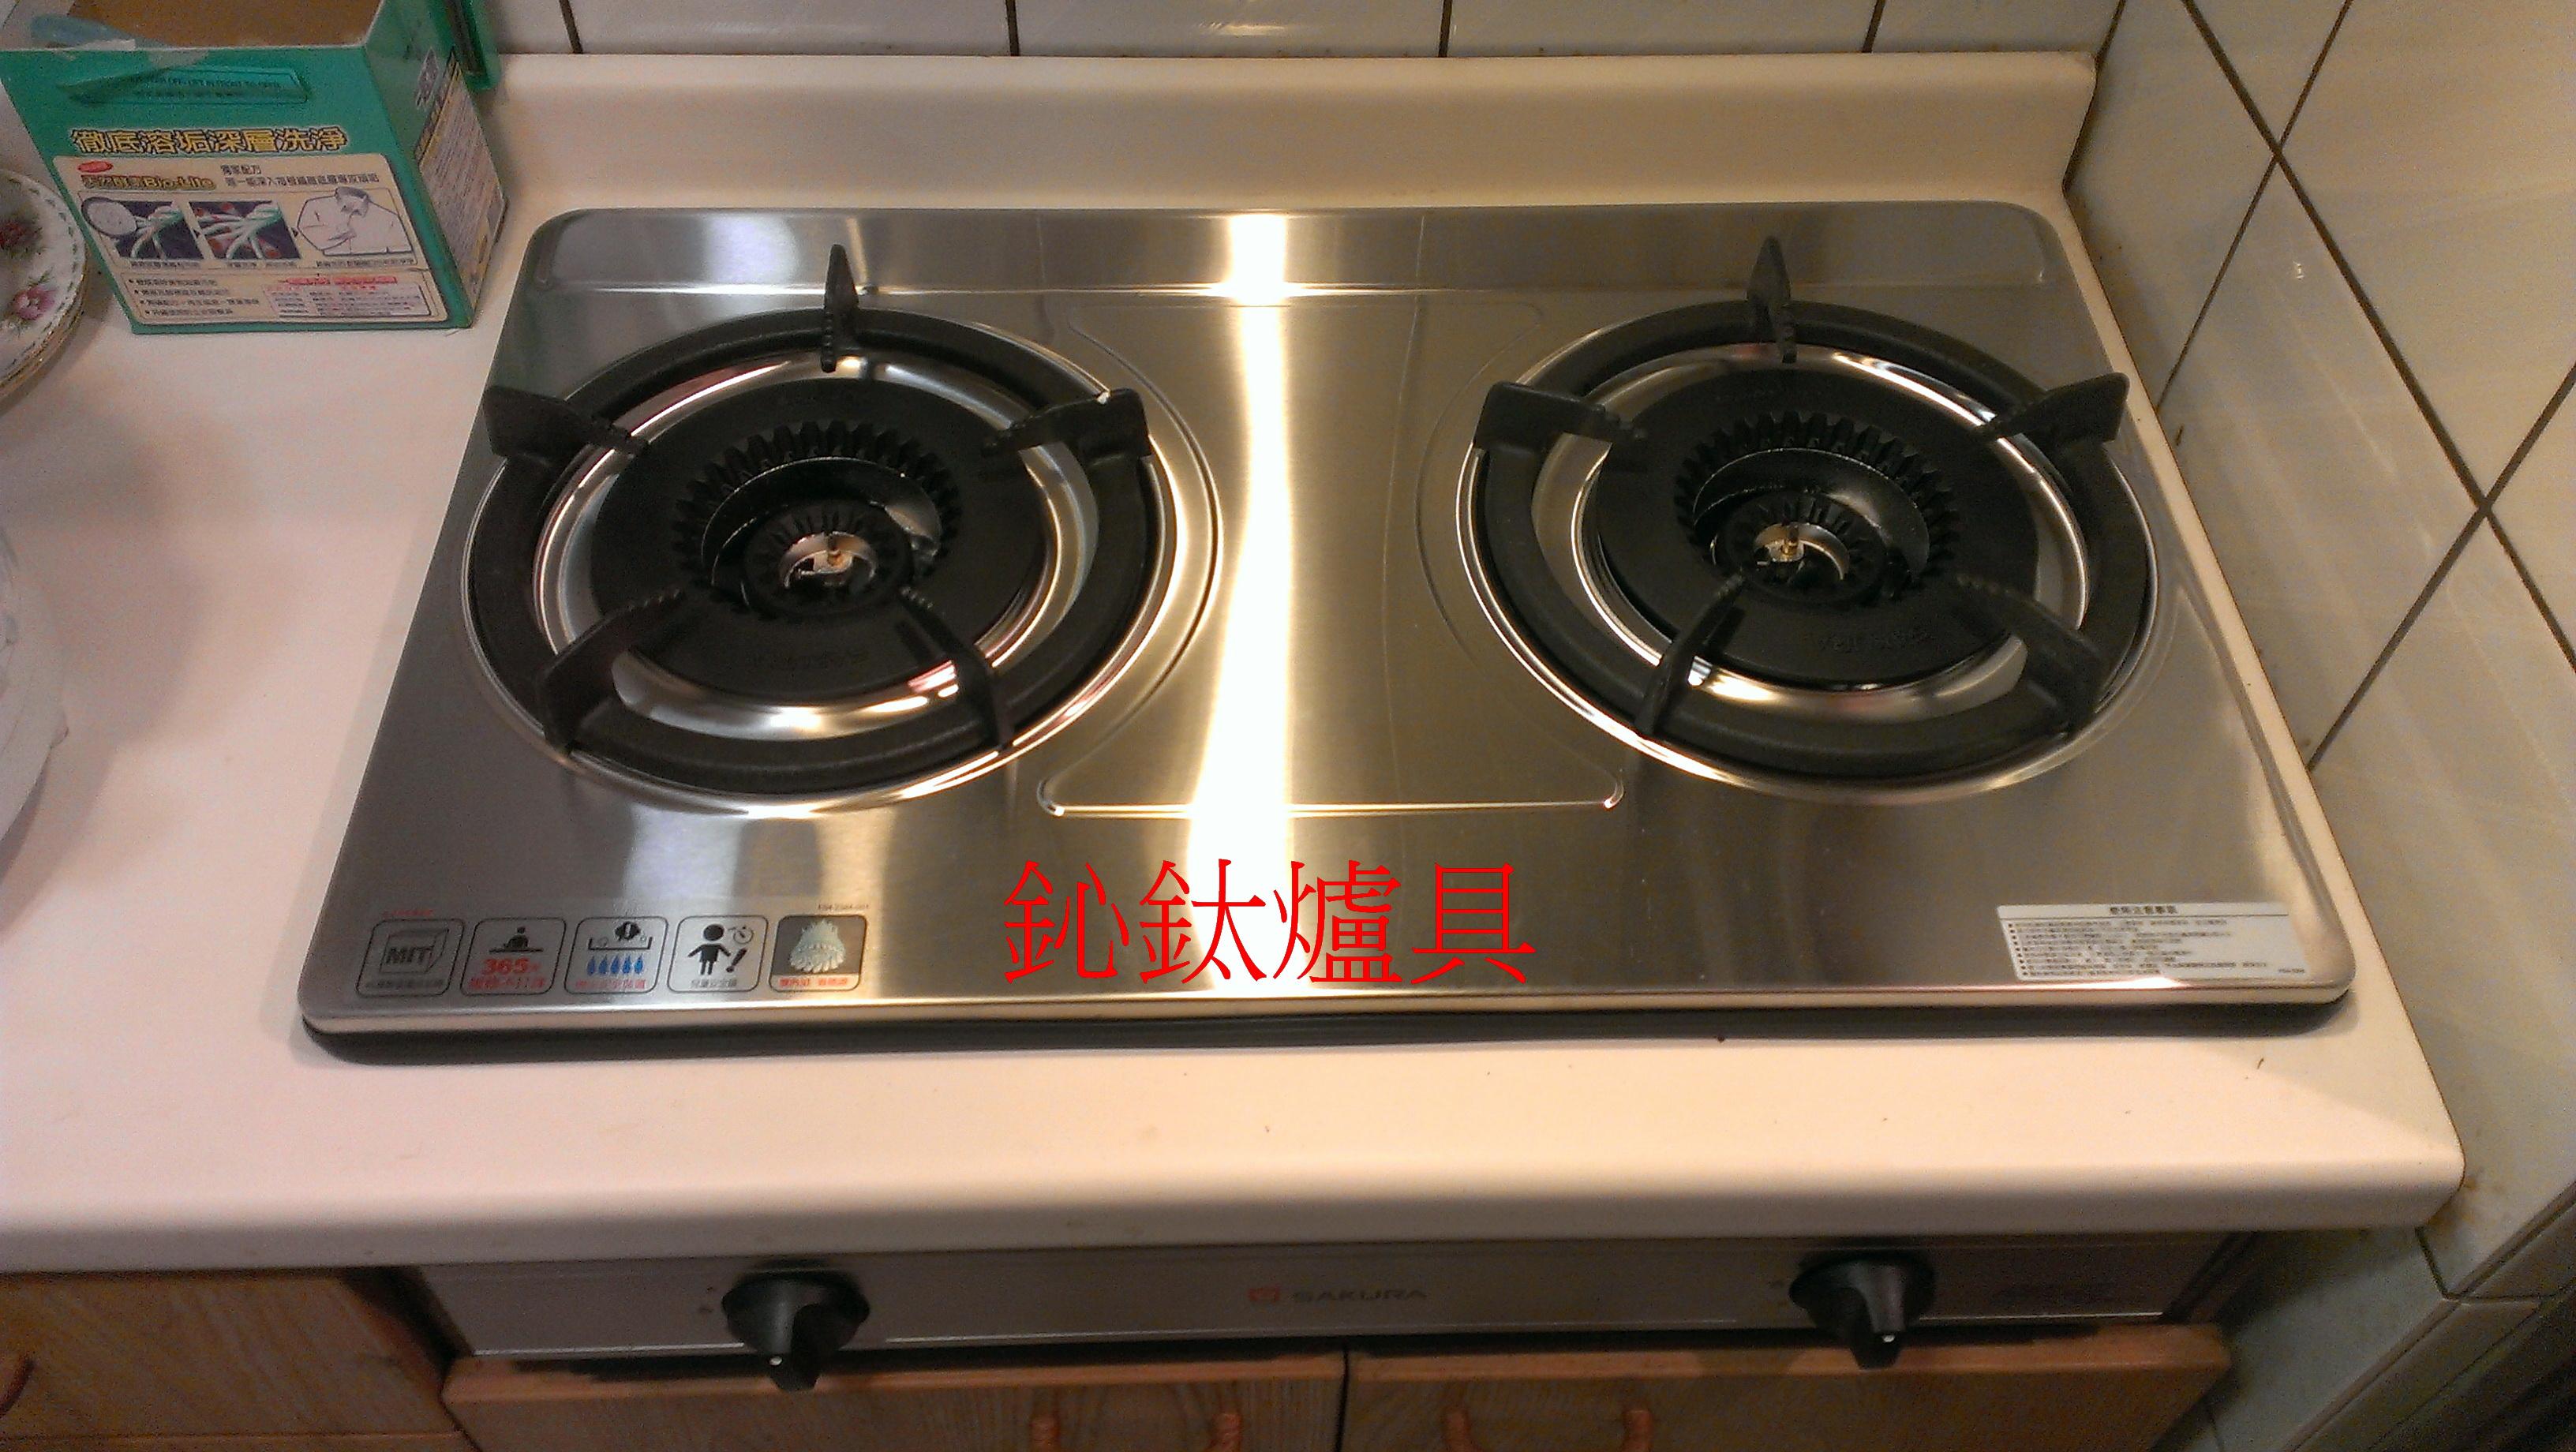 櫻花瓦斯爐G-6700K雙內焰安全爐.jpg